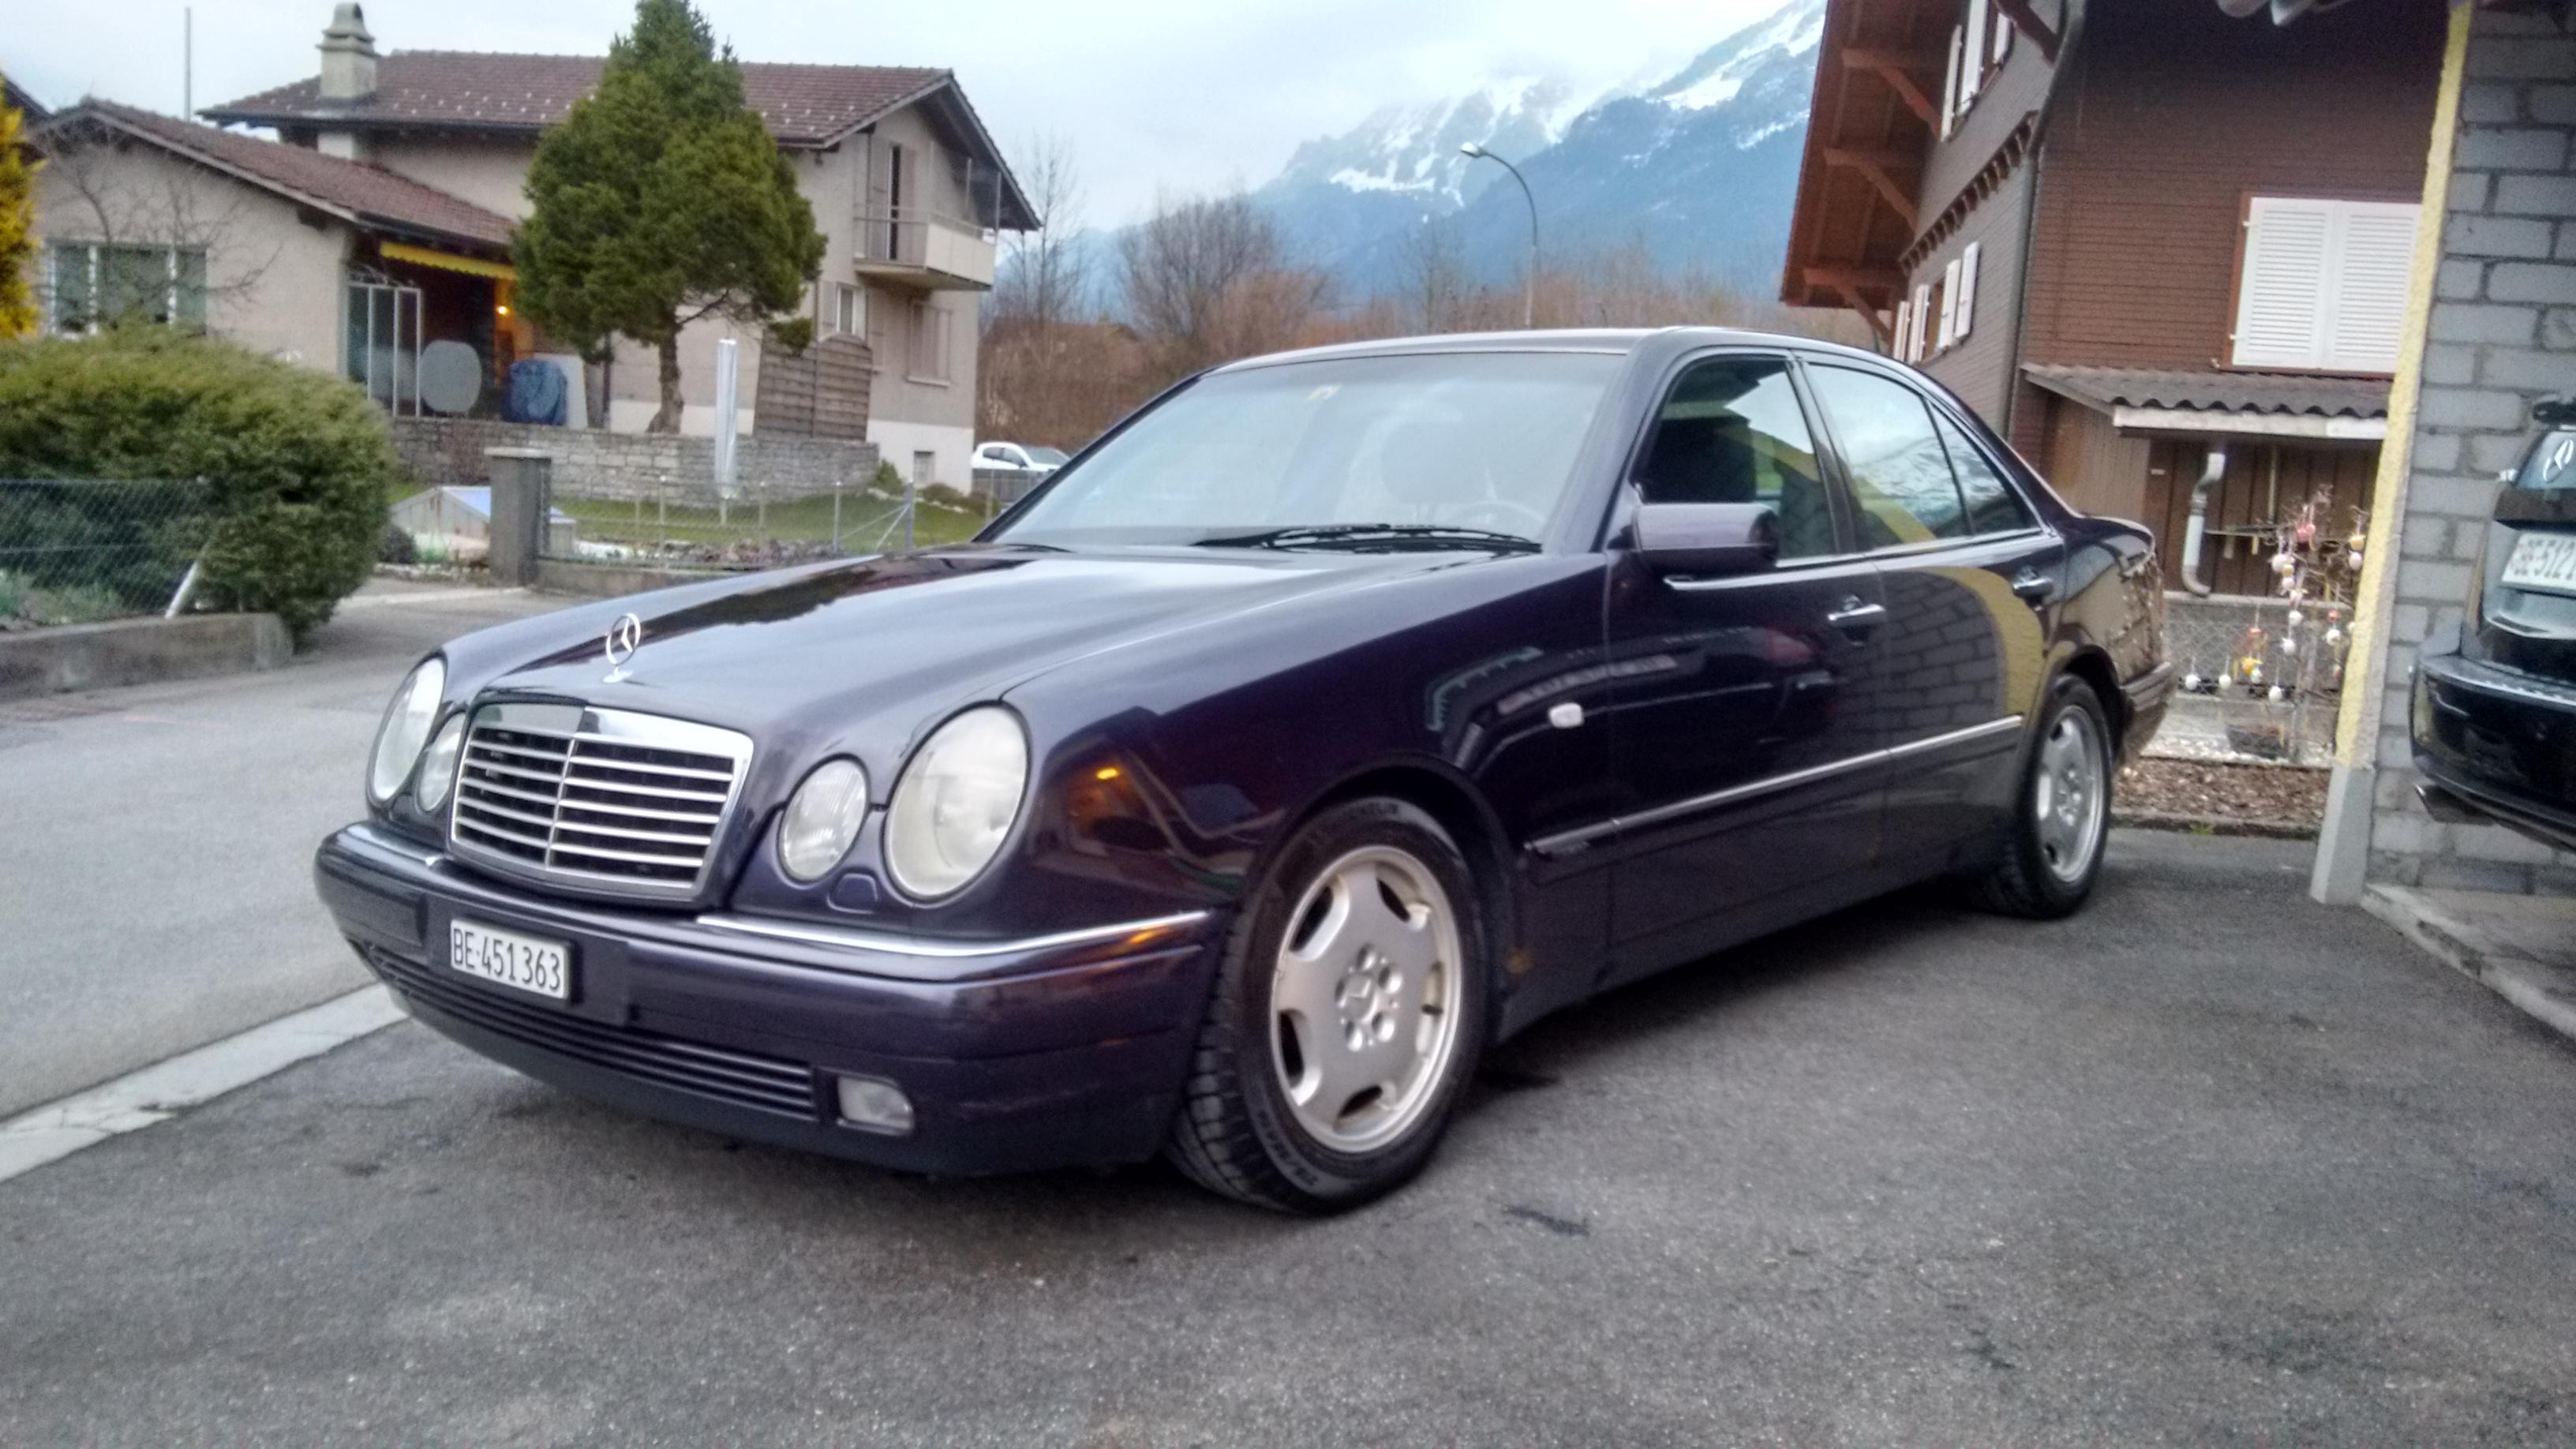 1997 Mercedes E320 >> 1997 Mercedes Benz E320 Avantgarde